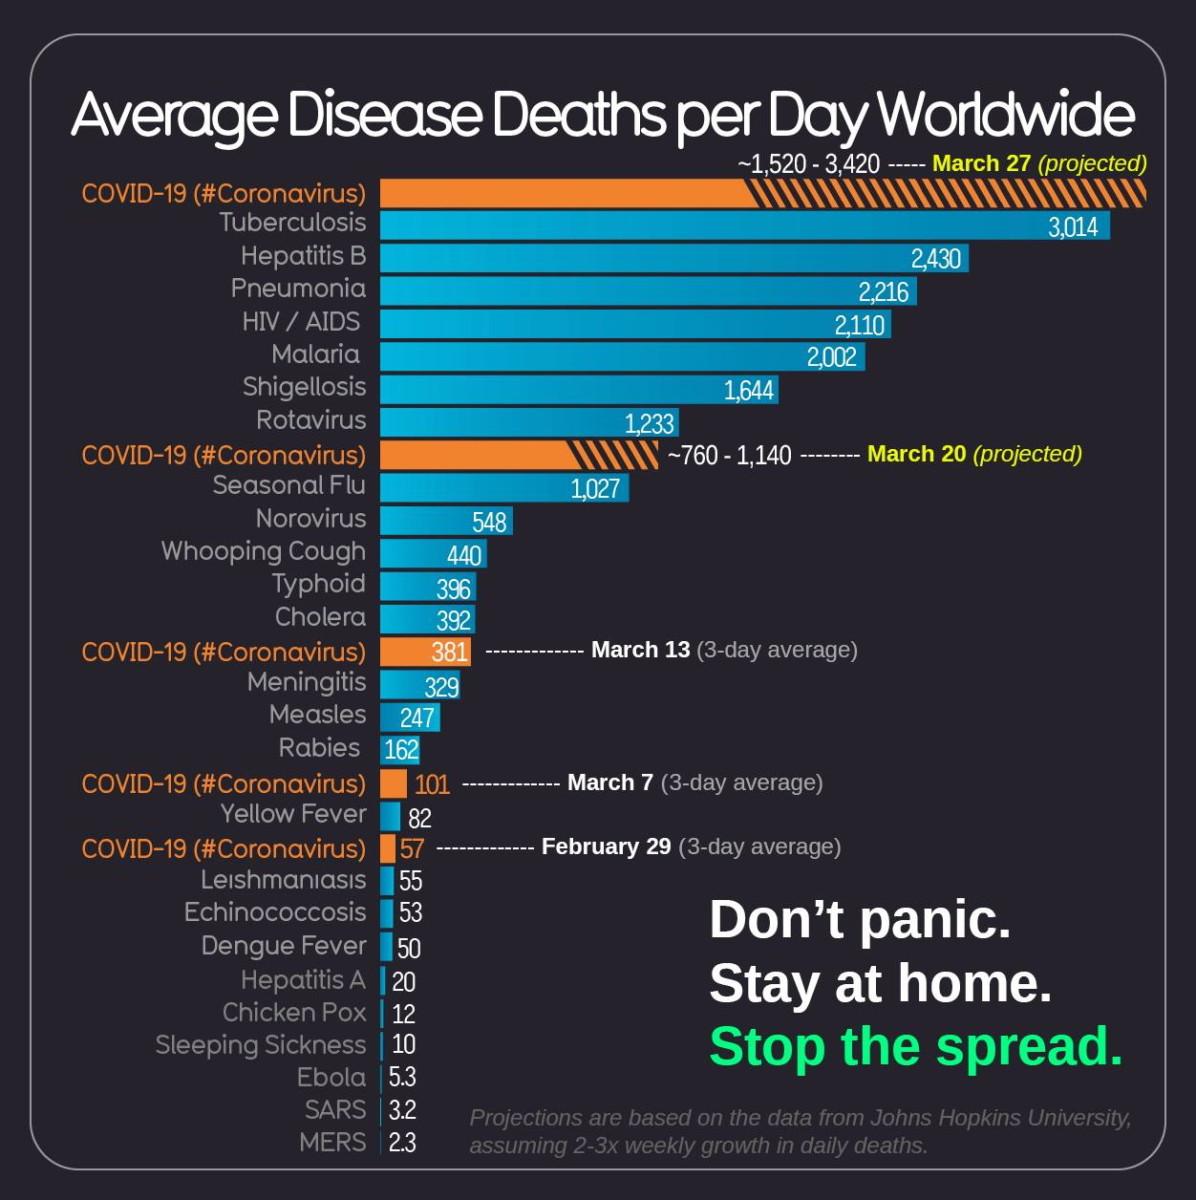 Le nombre moyen de mort par maladie dans le monde.